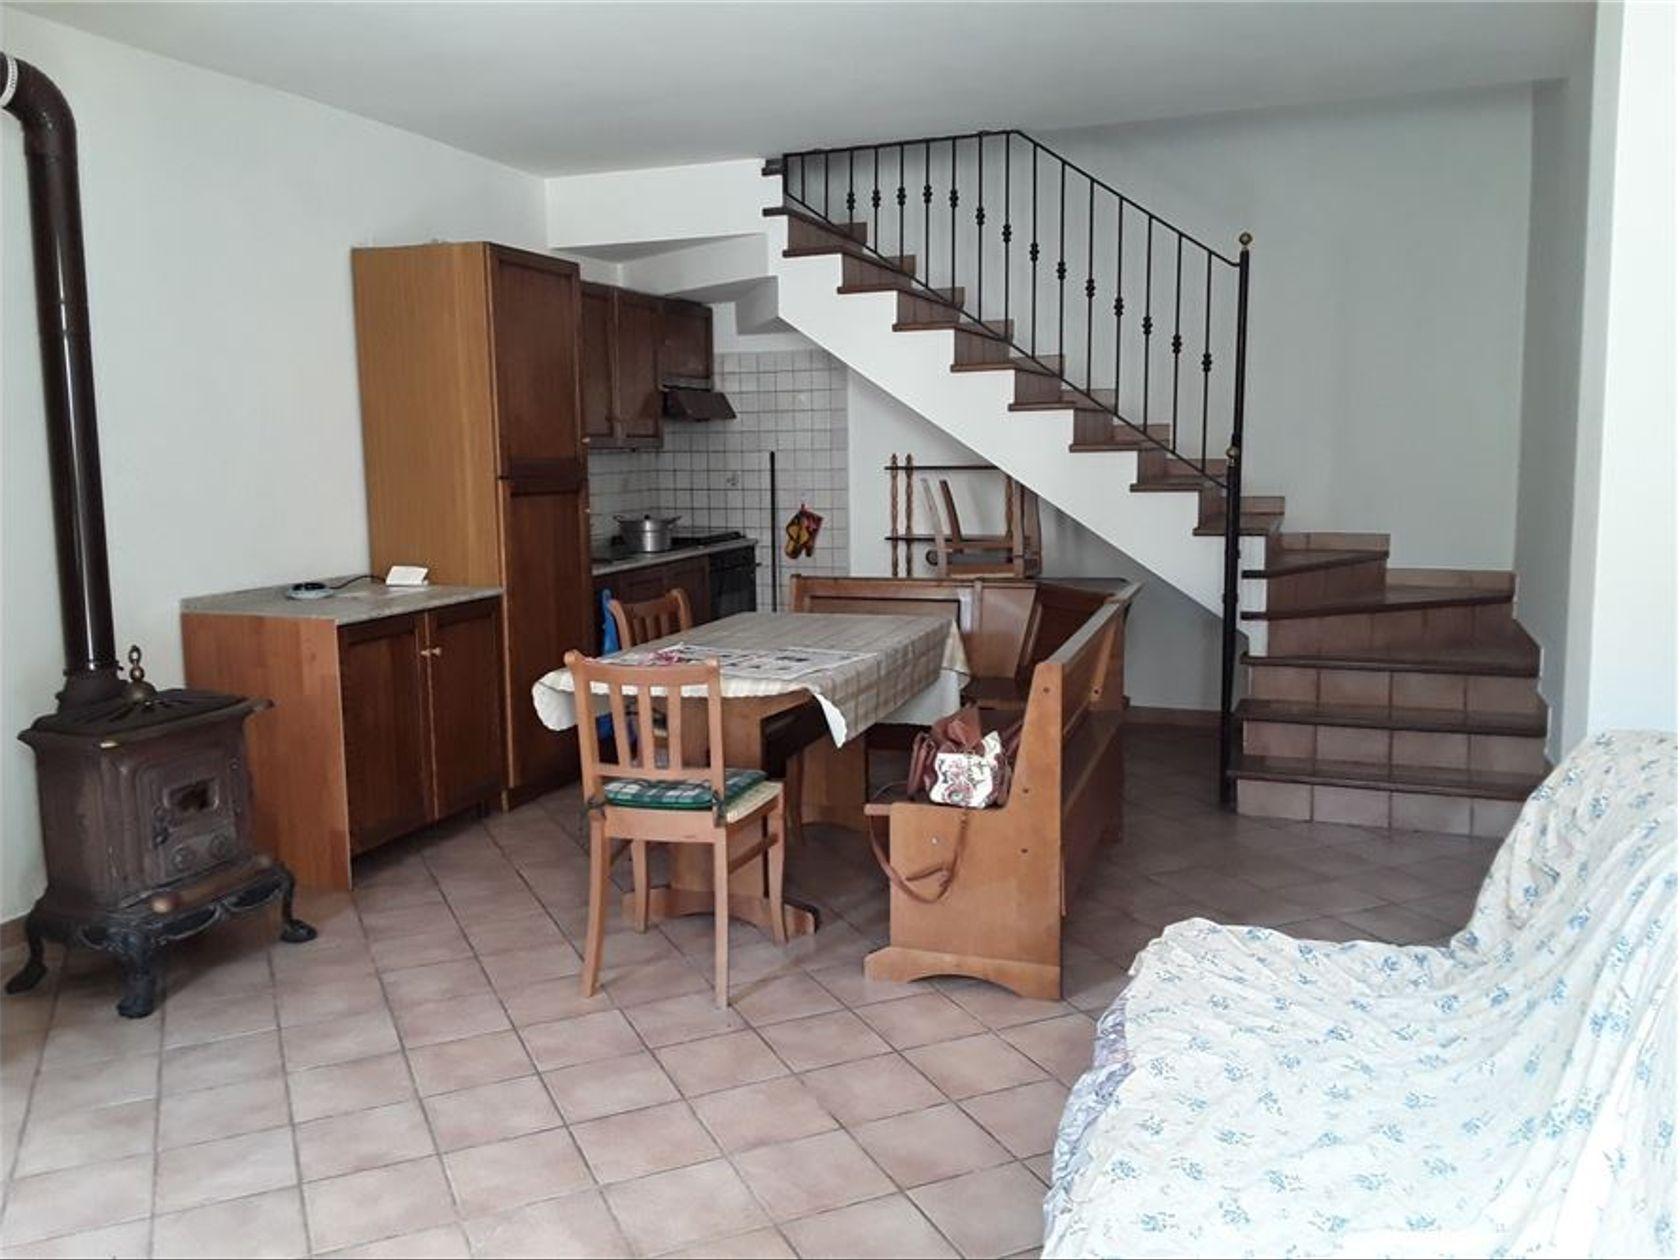 Casa Vacanze Villetta Barrea, AQ Vendita